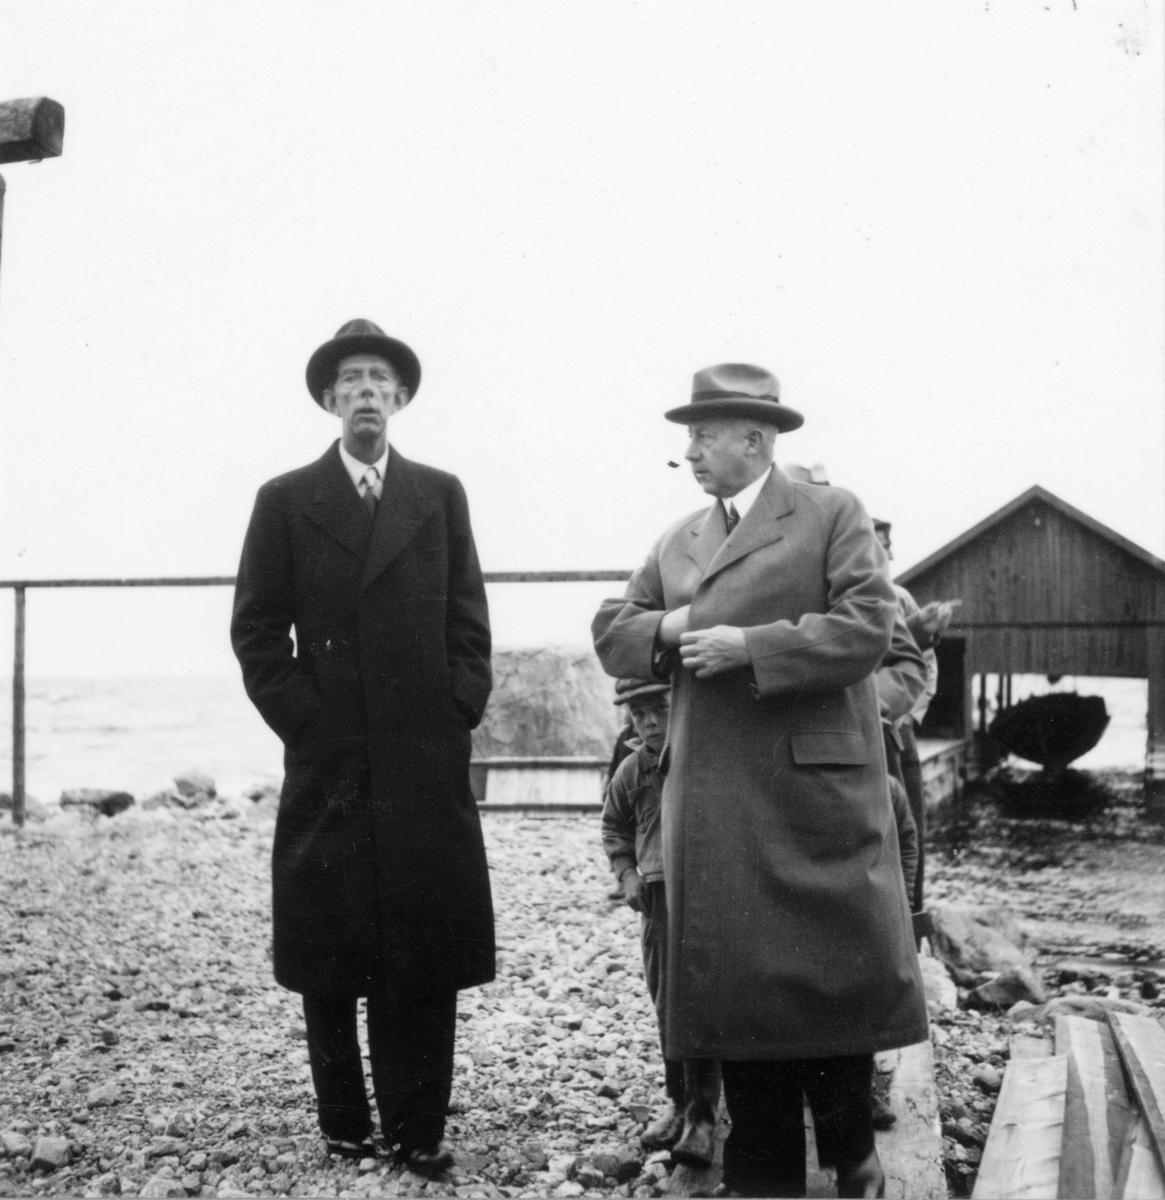 Prins Wilhelm besöker Utvalnäs i samband med sitt Gävlebesök 1938. På bilden skymtar även Landshövding Sven Lübeck.